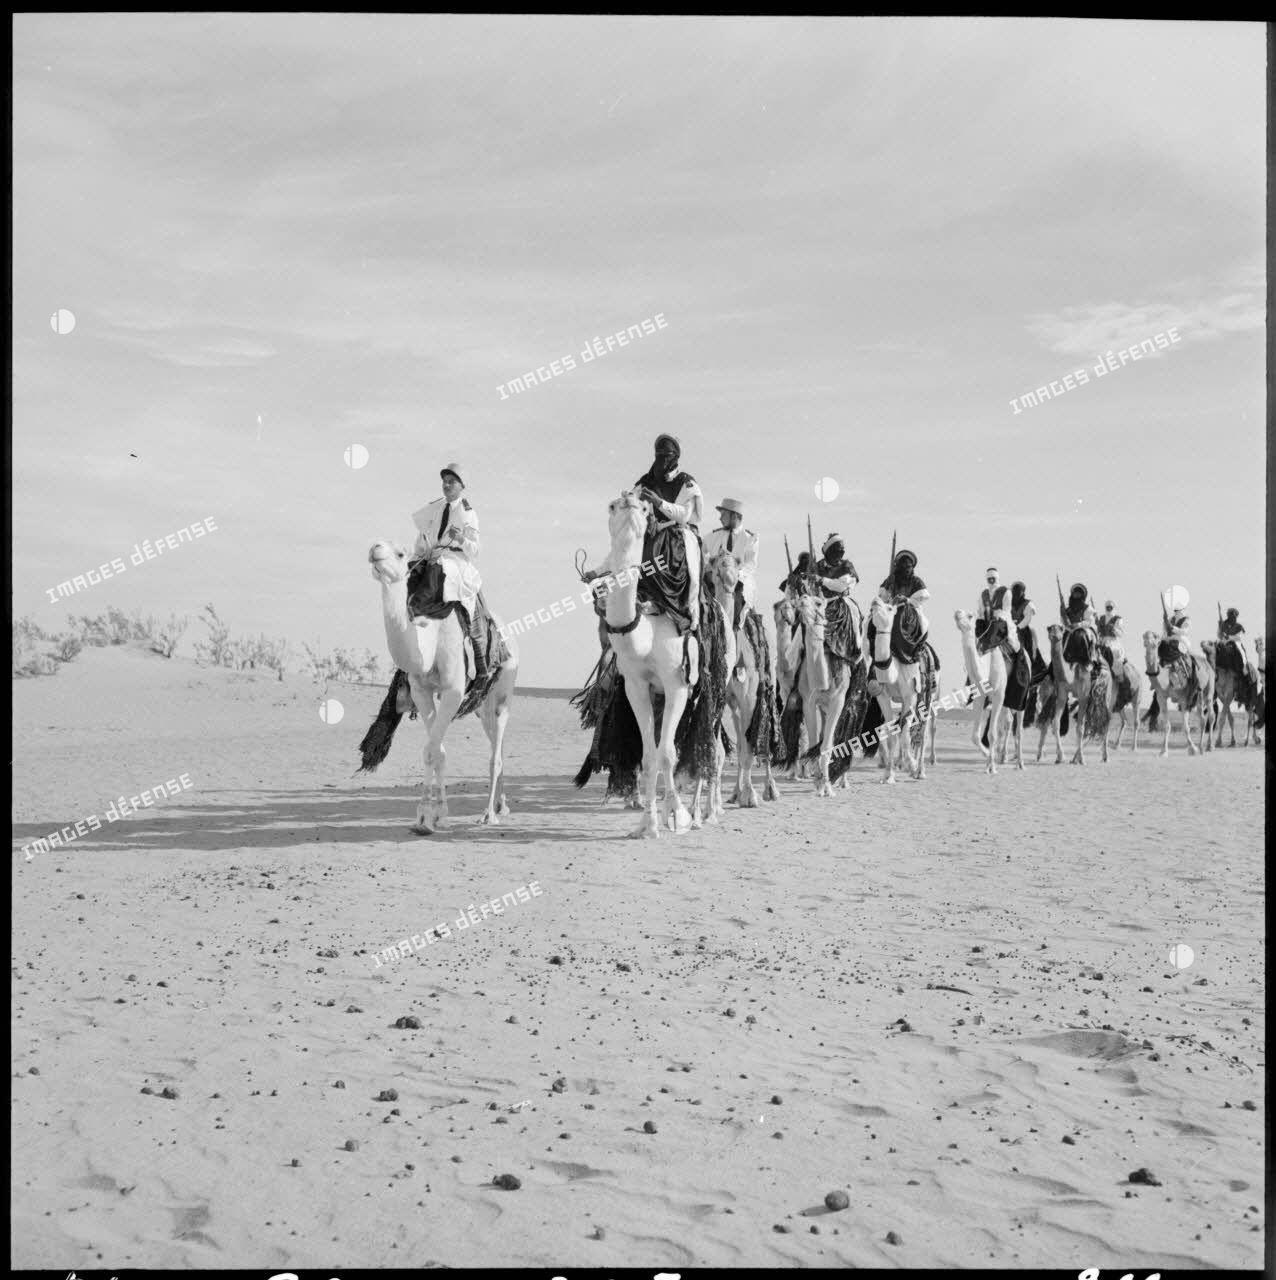 Défilé du 1er peloton monté de la compagnie méhariste du Tassili (CMT) dans la région du Tassili n'Ajjer.